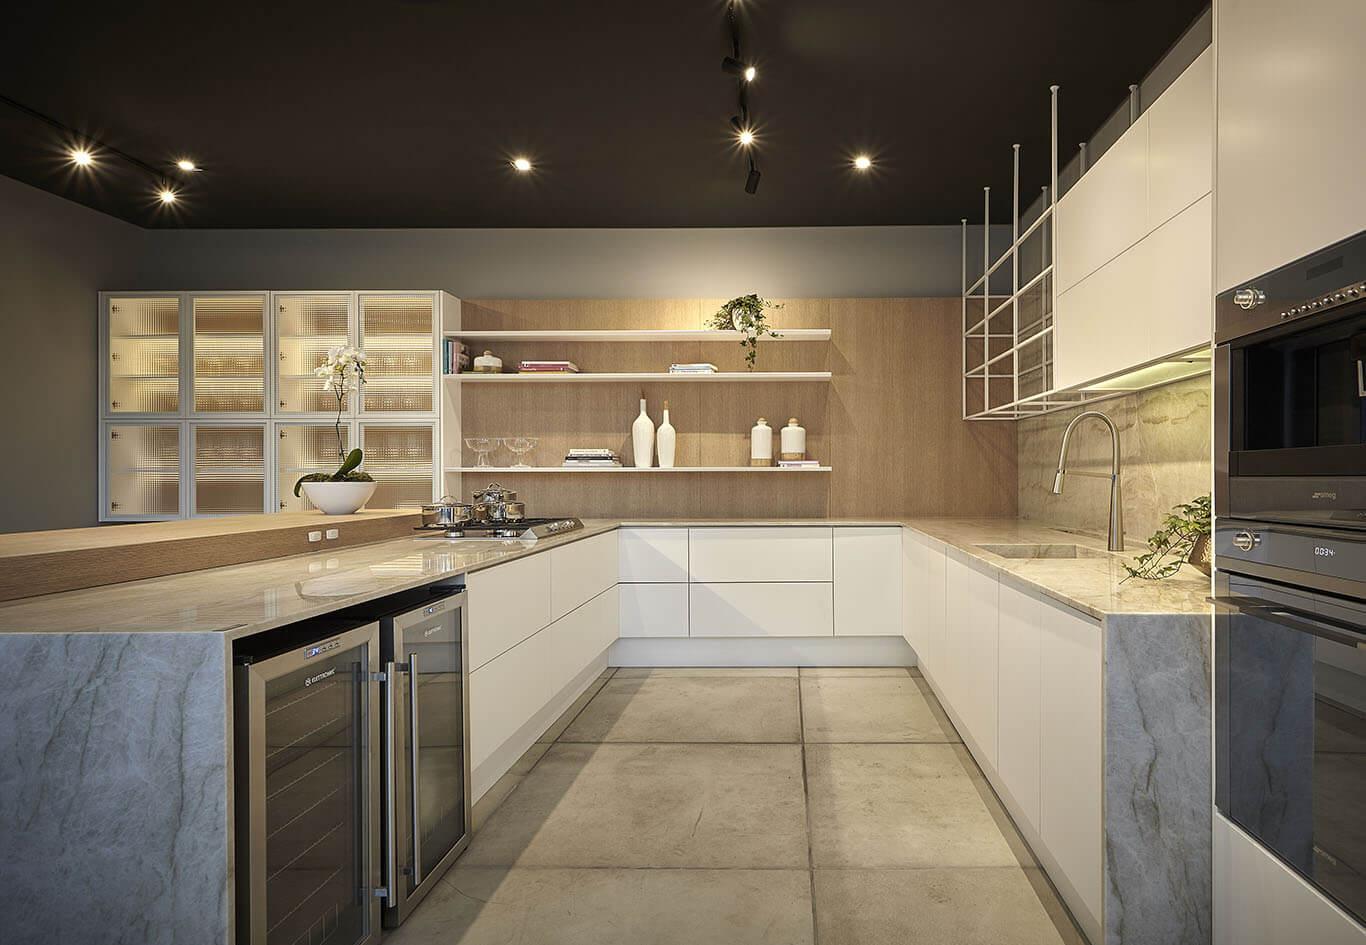 Dell Anno - Cozinha Ideias e Projetos8